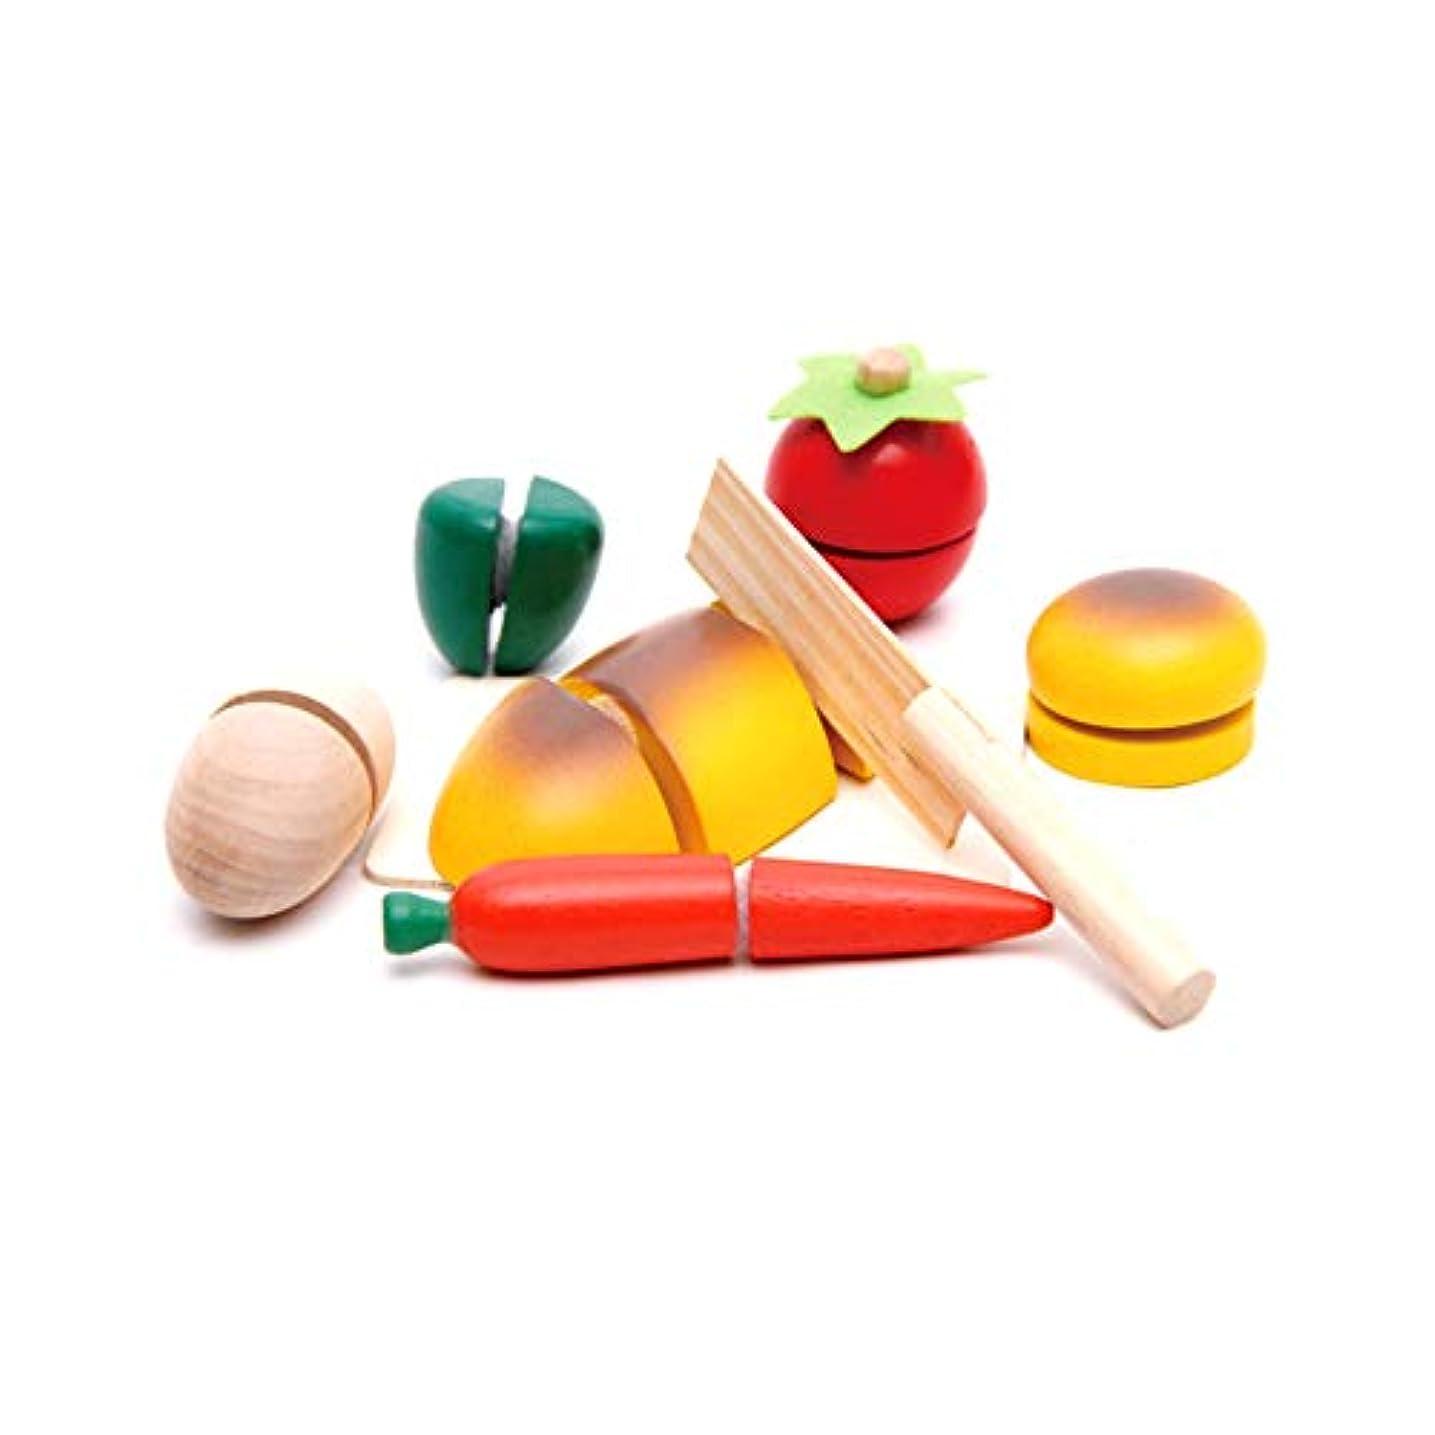 すごい登録ぼかしSnner キッチンのおもちゃは、ロールプレイングゲームの果物や野菜の食物教育ピース子供のおもちゃ面白い木製のまな板のすばらしいコレクションをカット